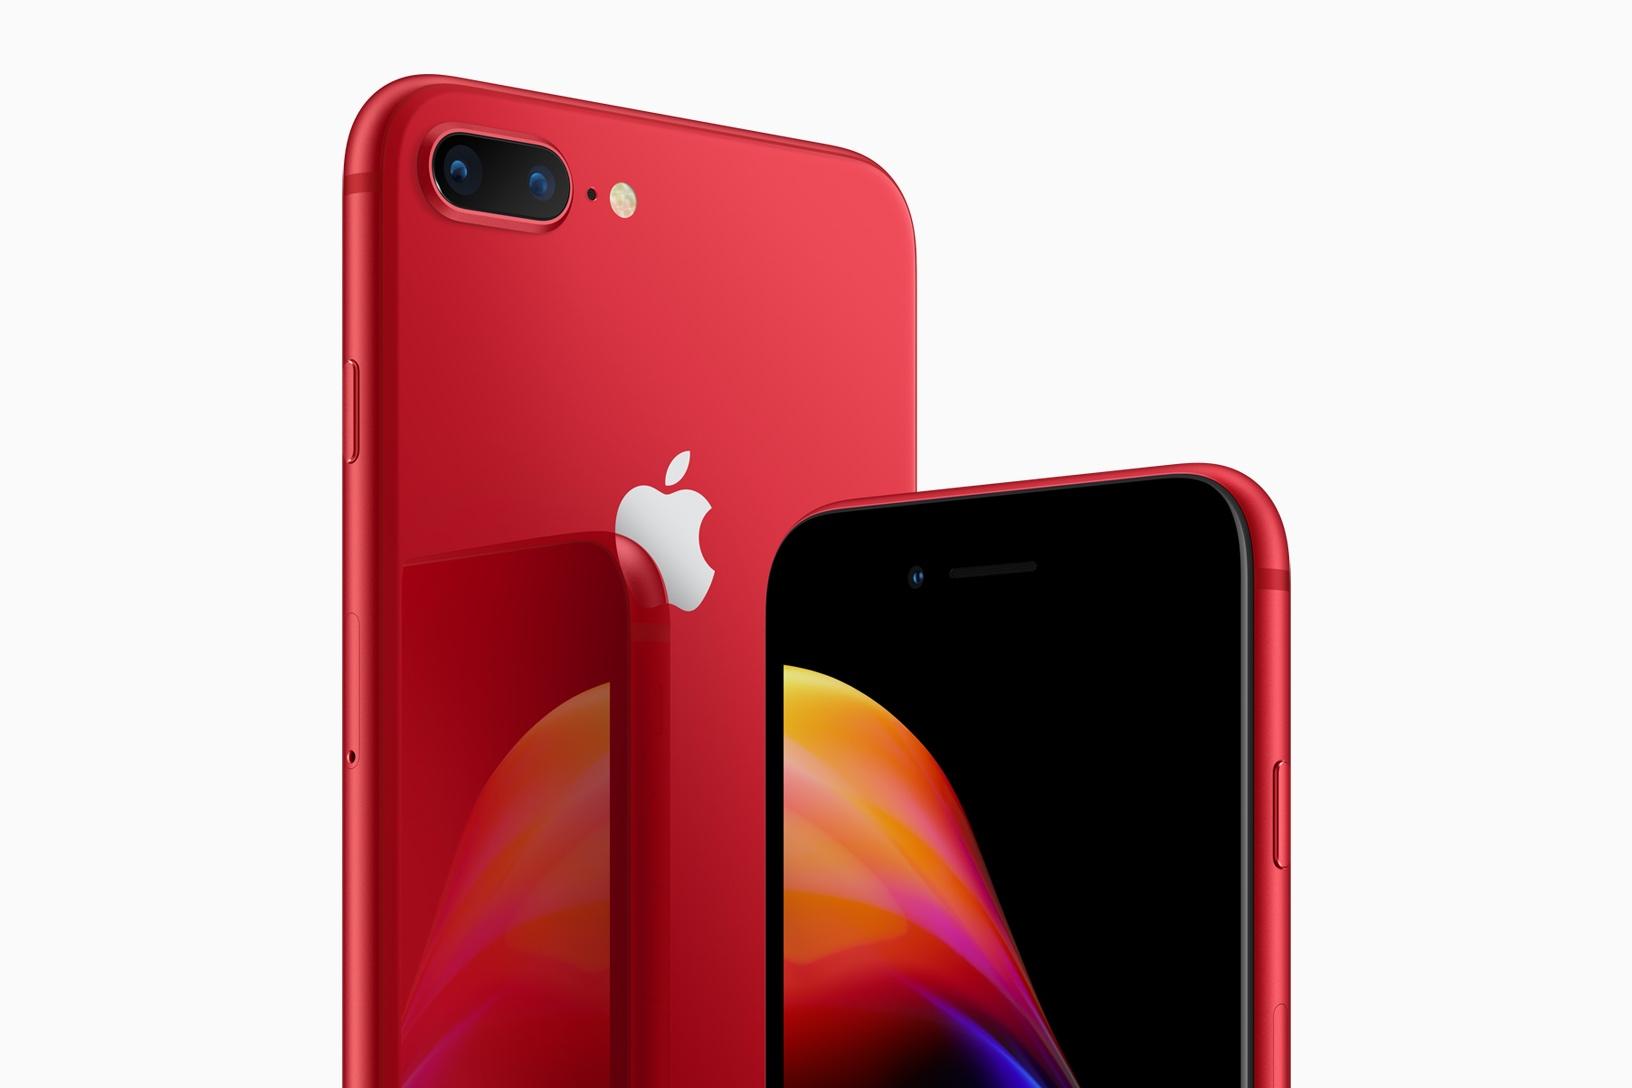 iPhone 8 Red byl představen před rokem. Přijde letos (PRODUCT)RED iPhone Xs?